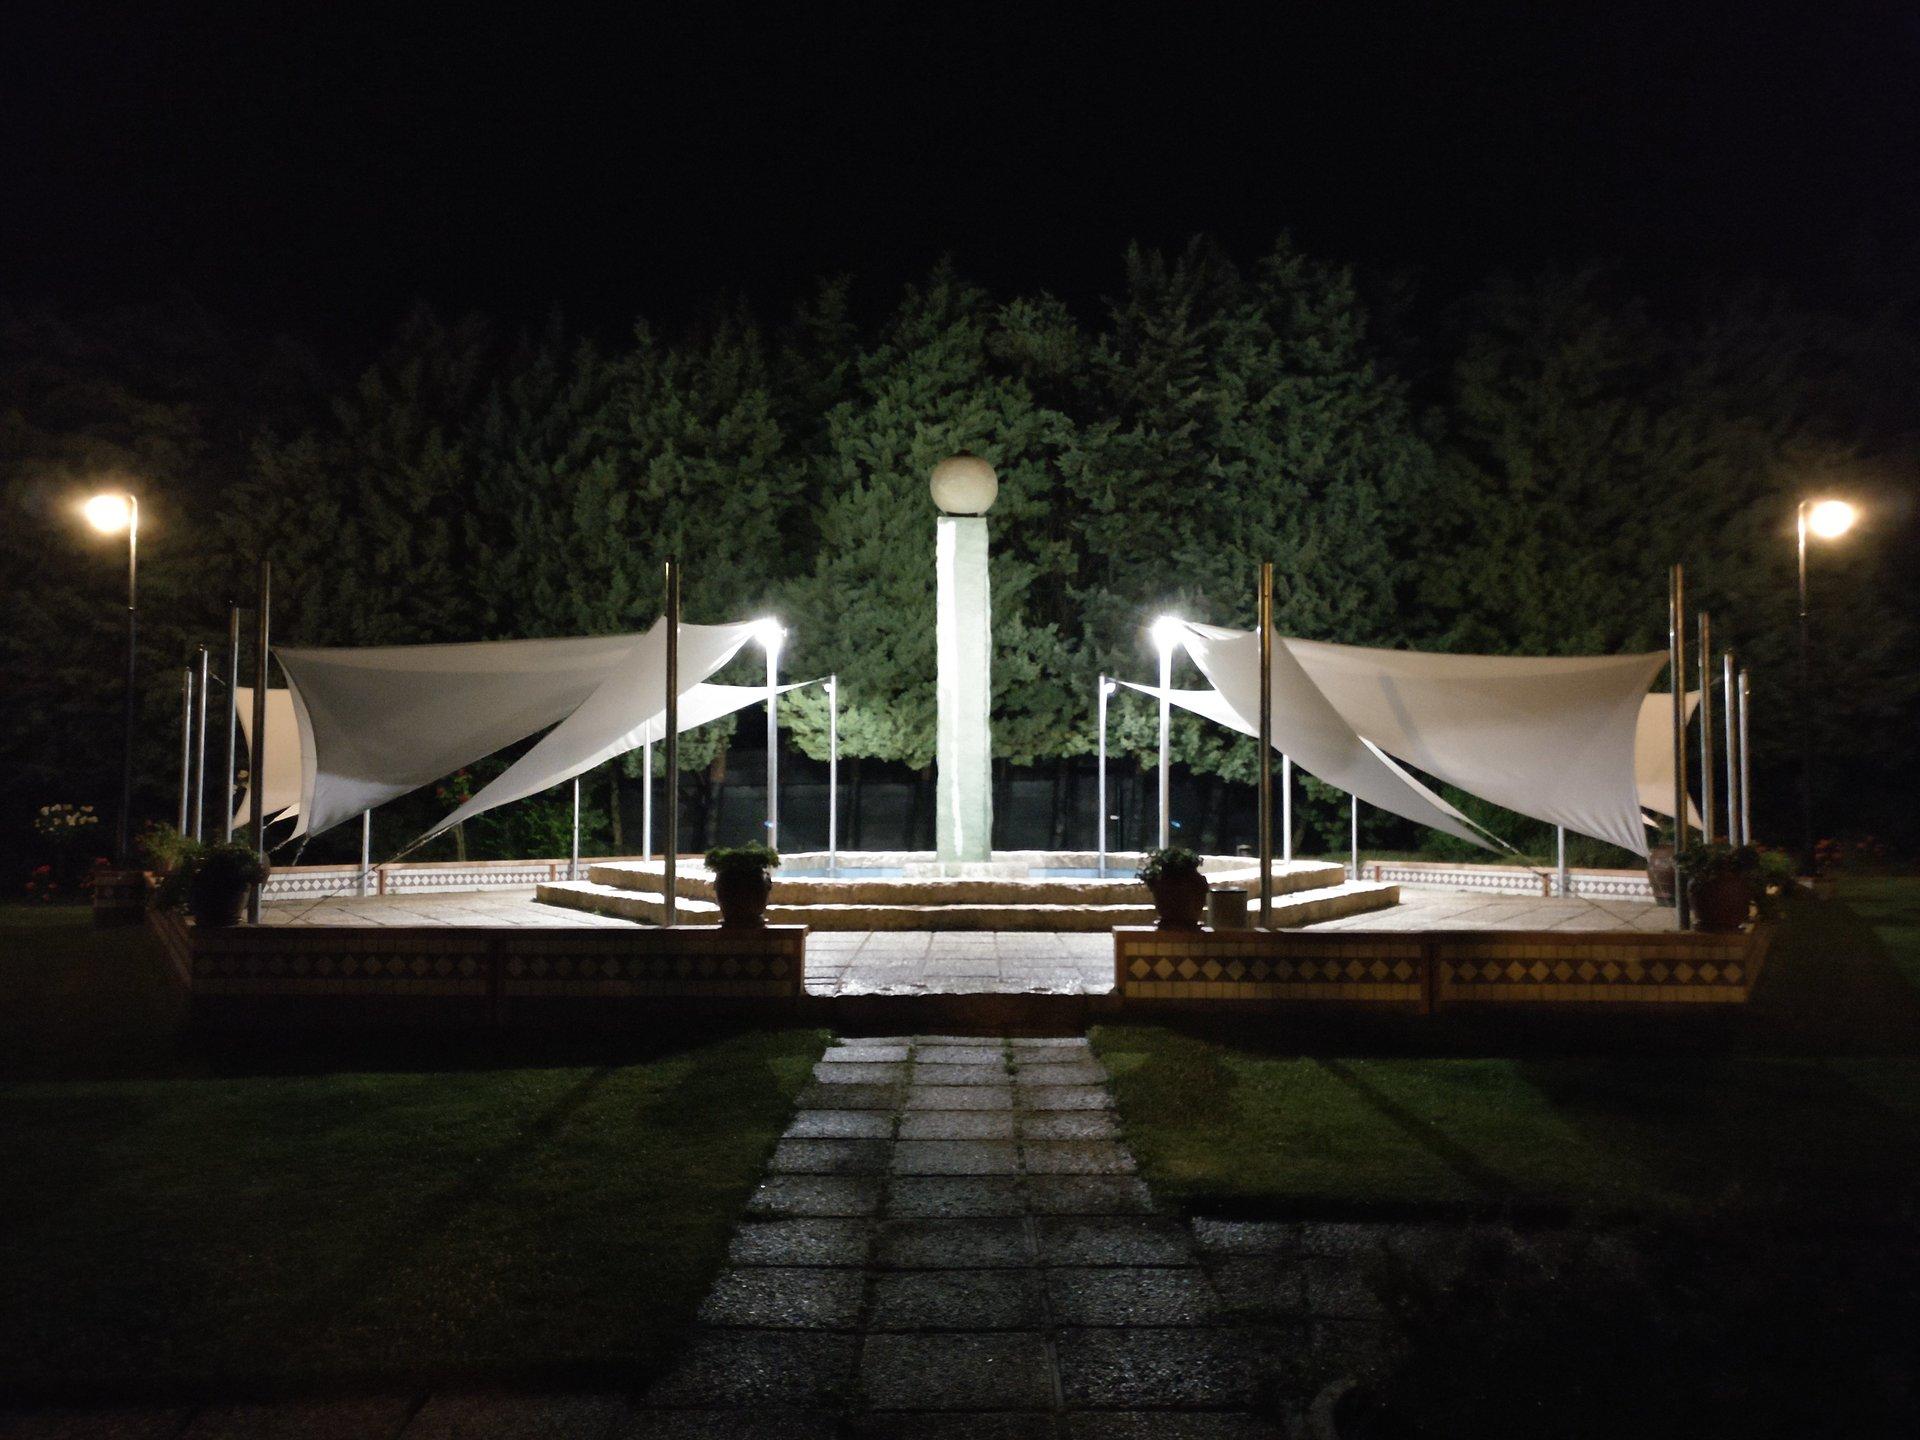 vista di gazebi illuminati di sera